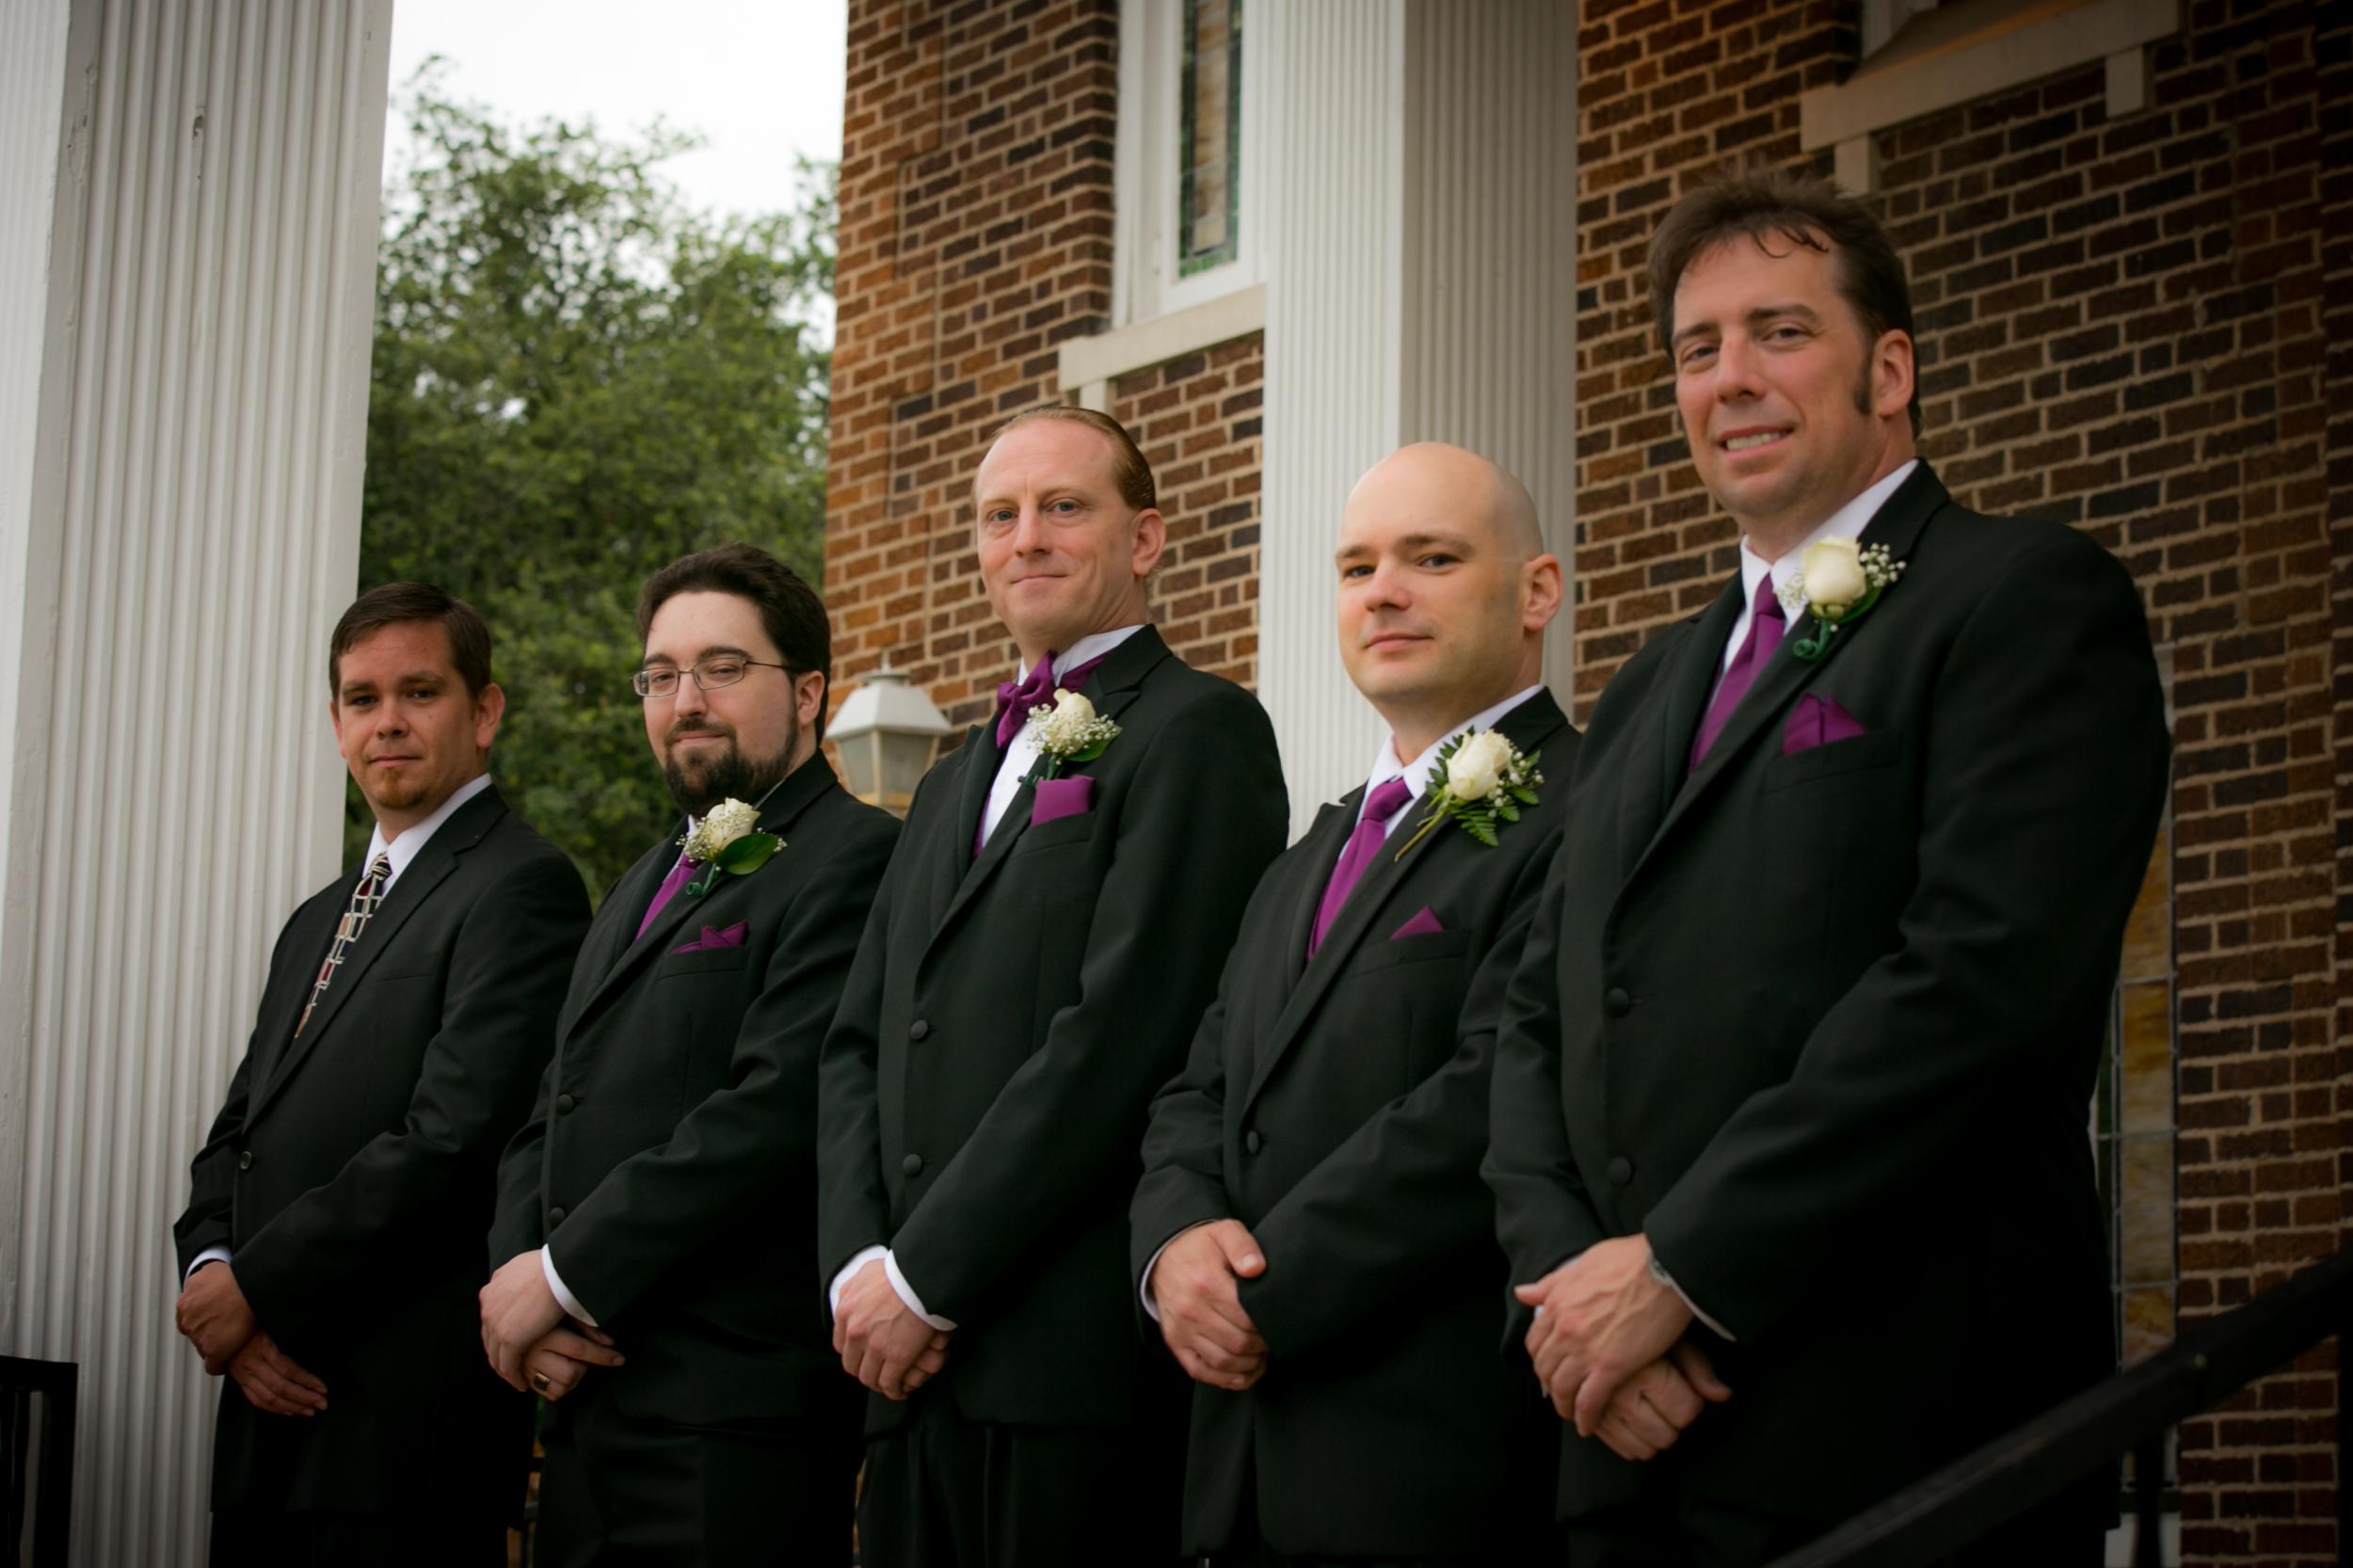 052219_wedding-ASWeb-1-2.jpg